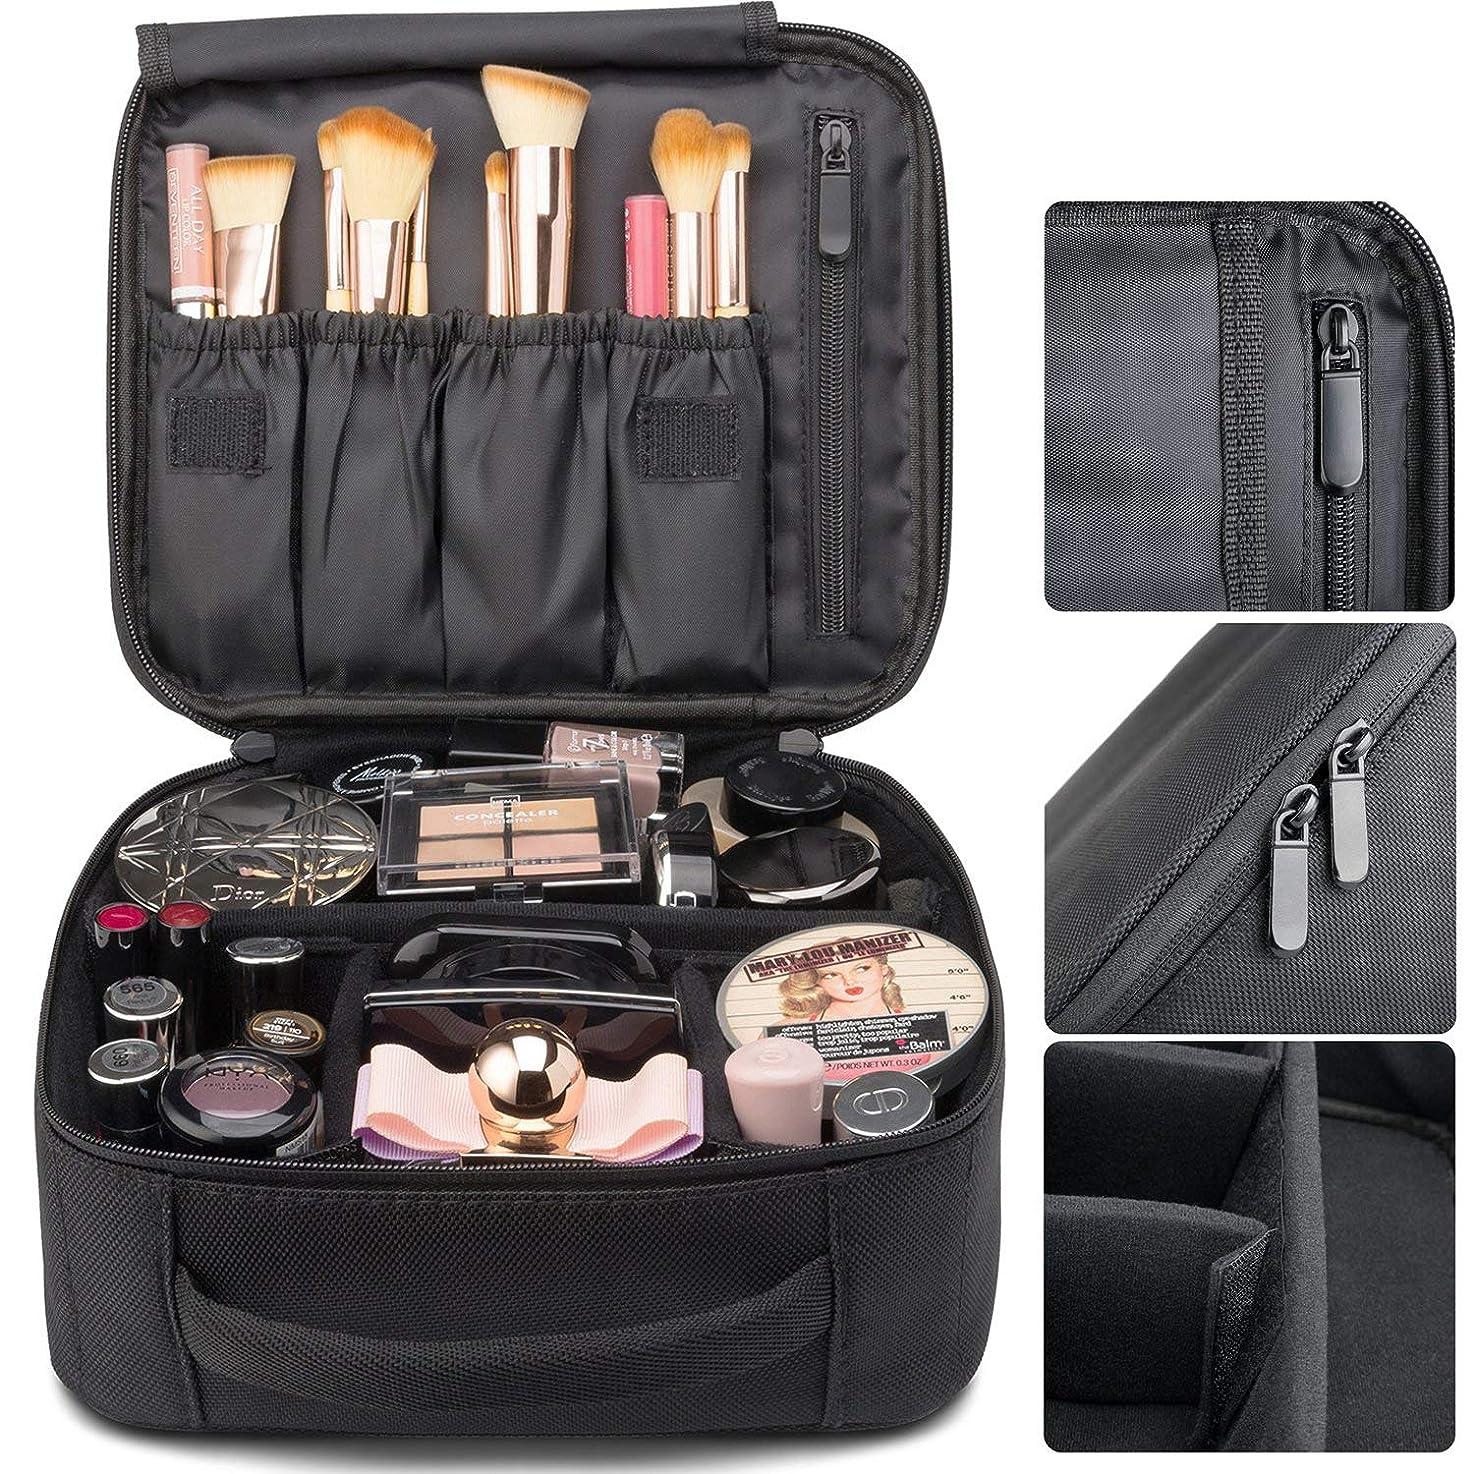 ソーシャルアプト古くなった(スーパープラス)プロ用 メイクボックス 高品質 多機能 多容量 メイクブラシバッグ 収納ケース スーツケース?トラベルバッグ 化粧 バッグ メイクブラシ 化粧道具 小物入れ